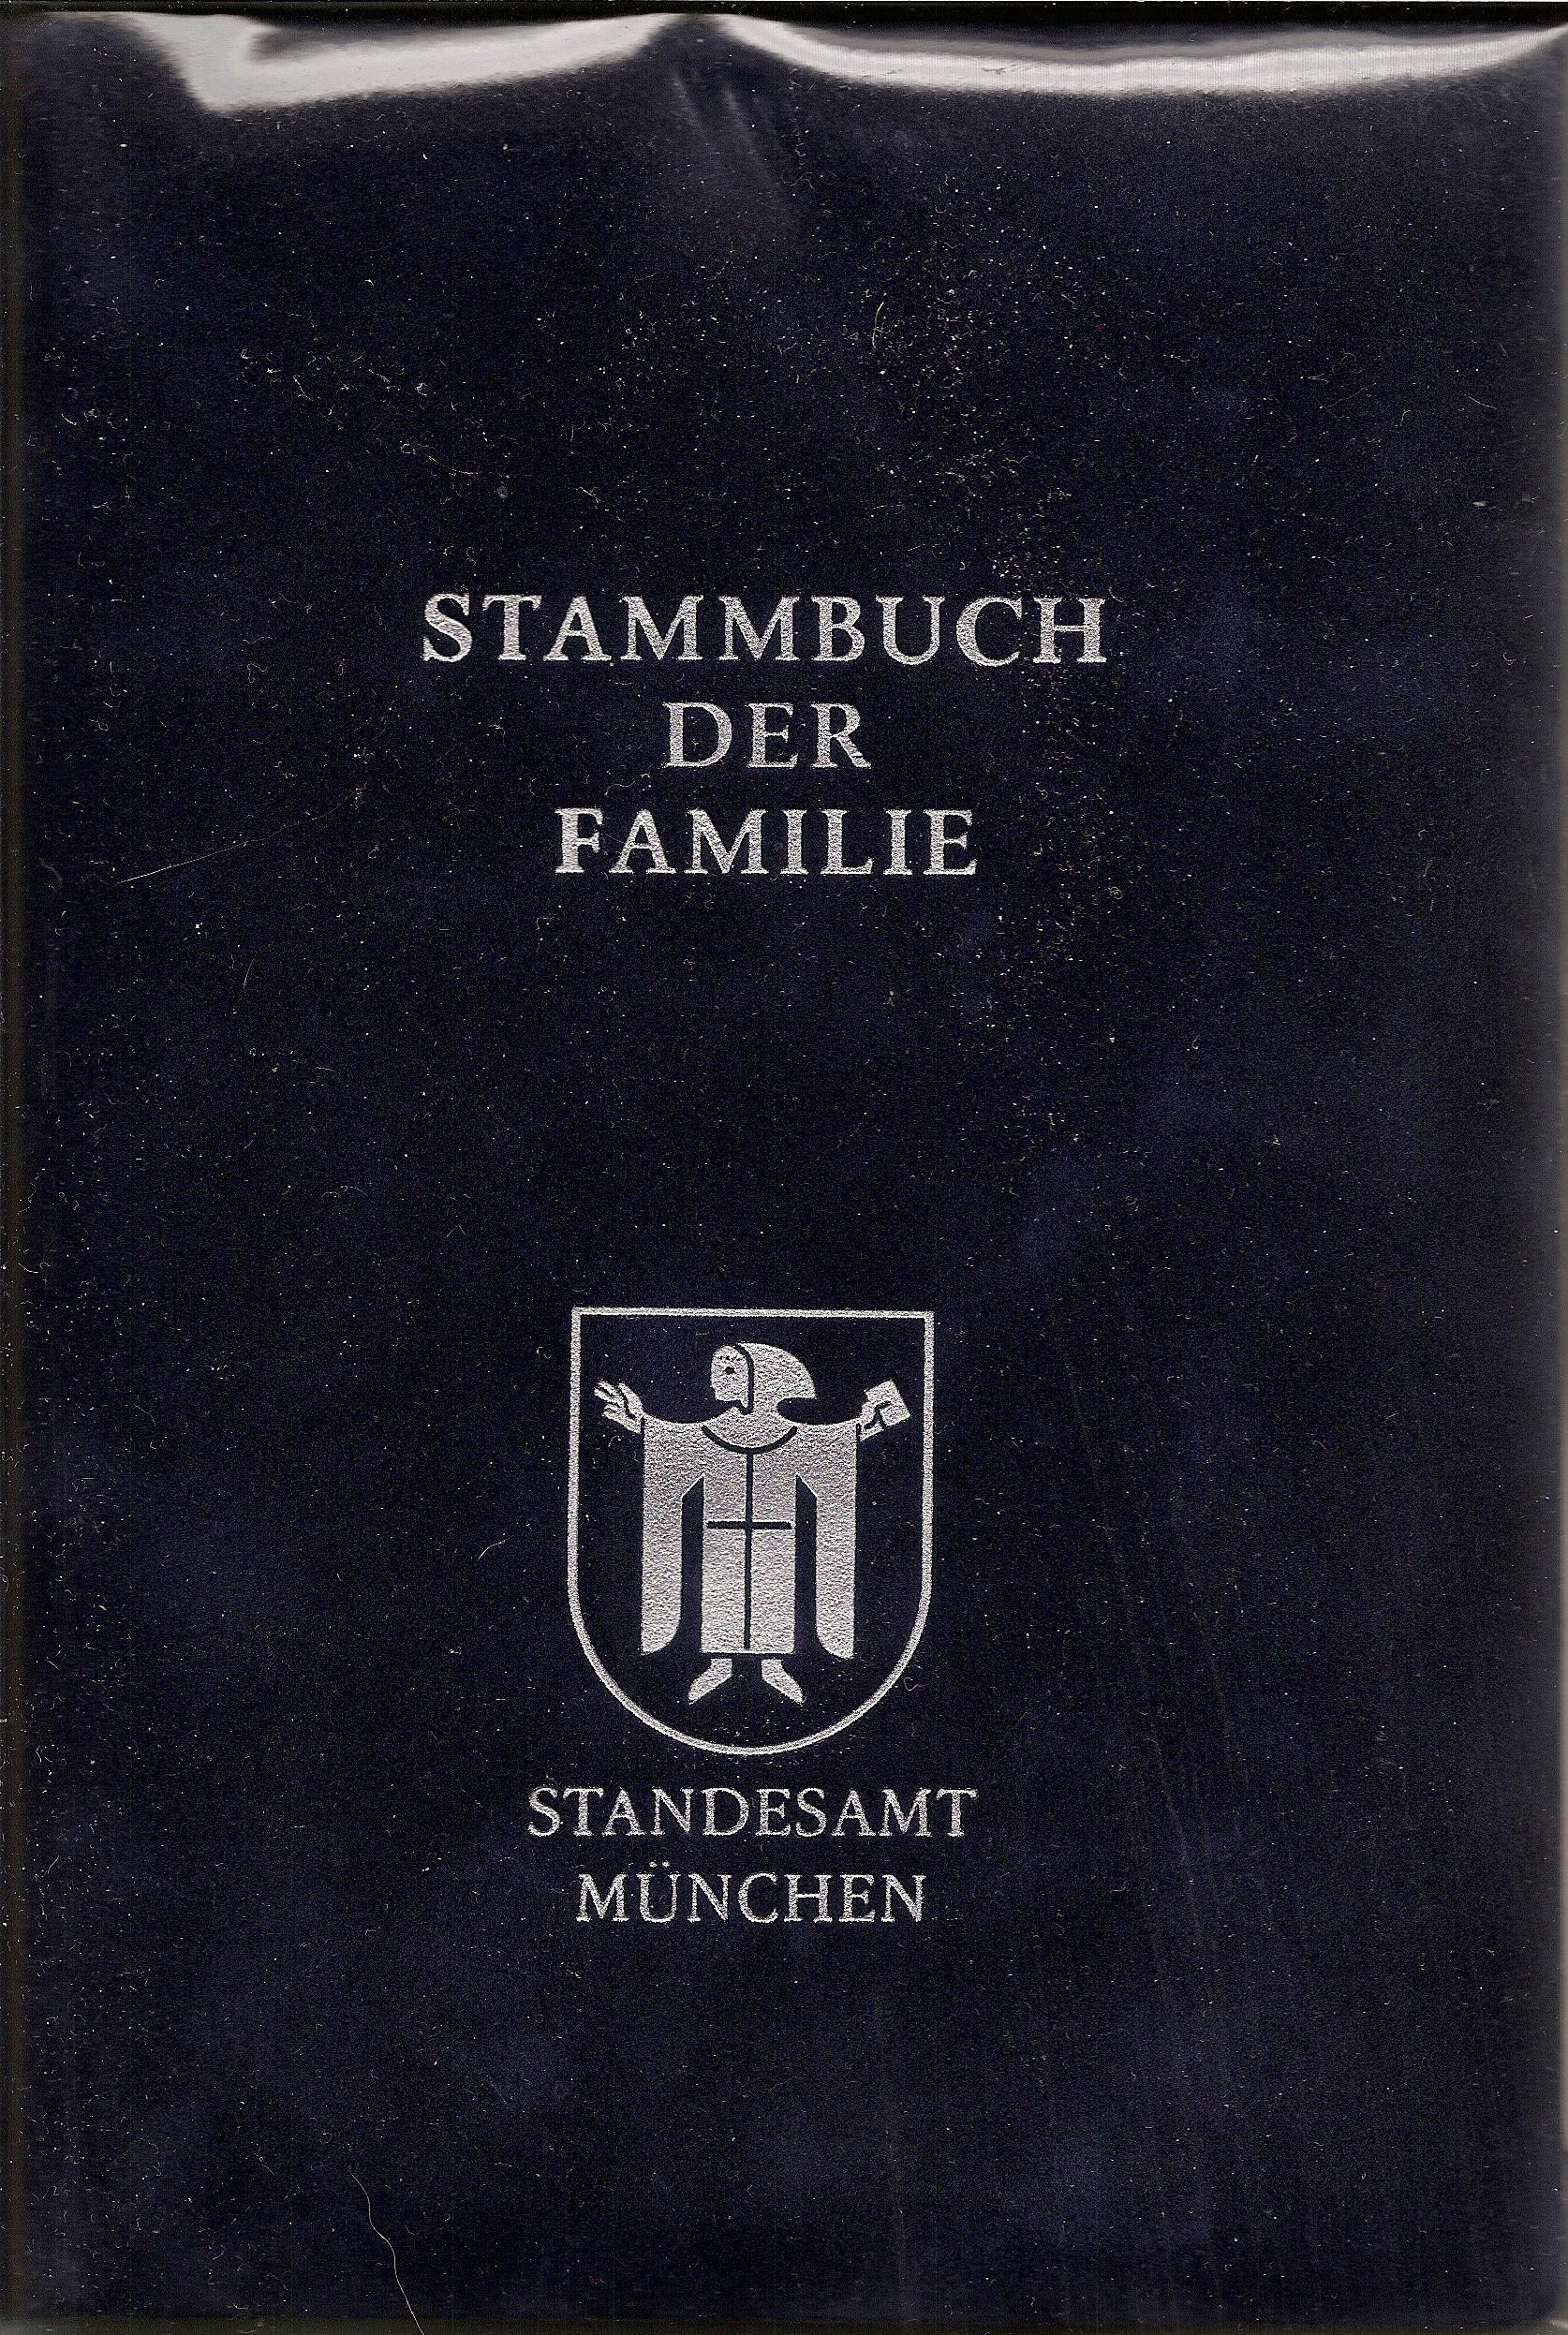 File:Stammbuch der Familie — Standesamt München.jpg - Wikimedia ...